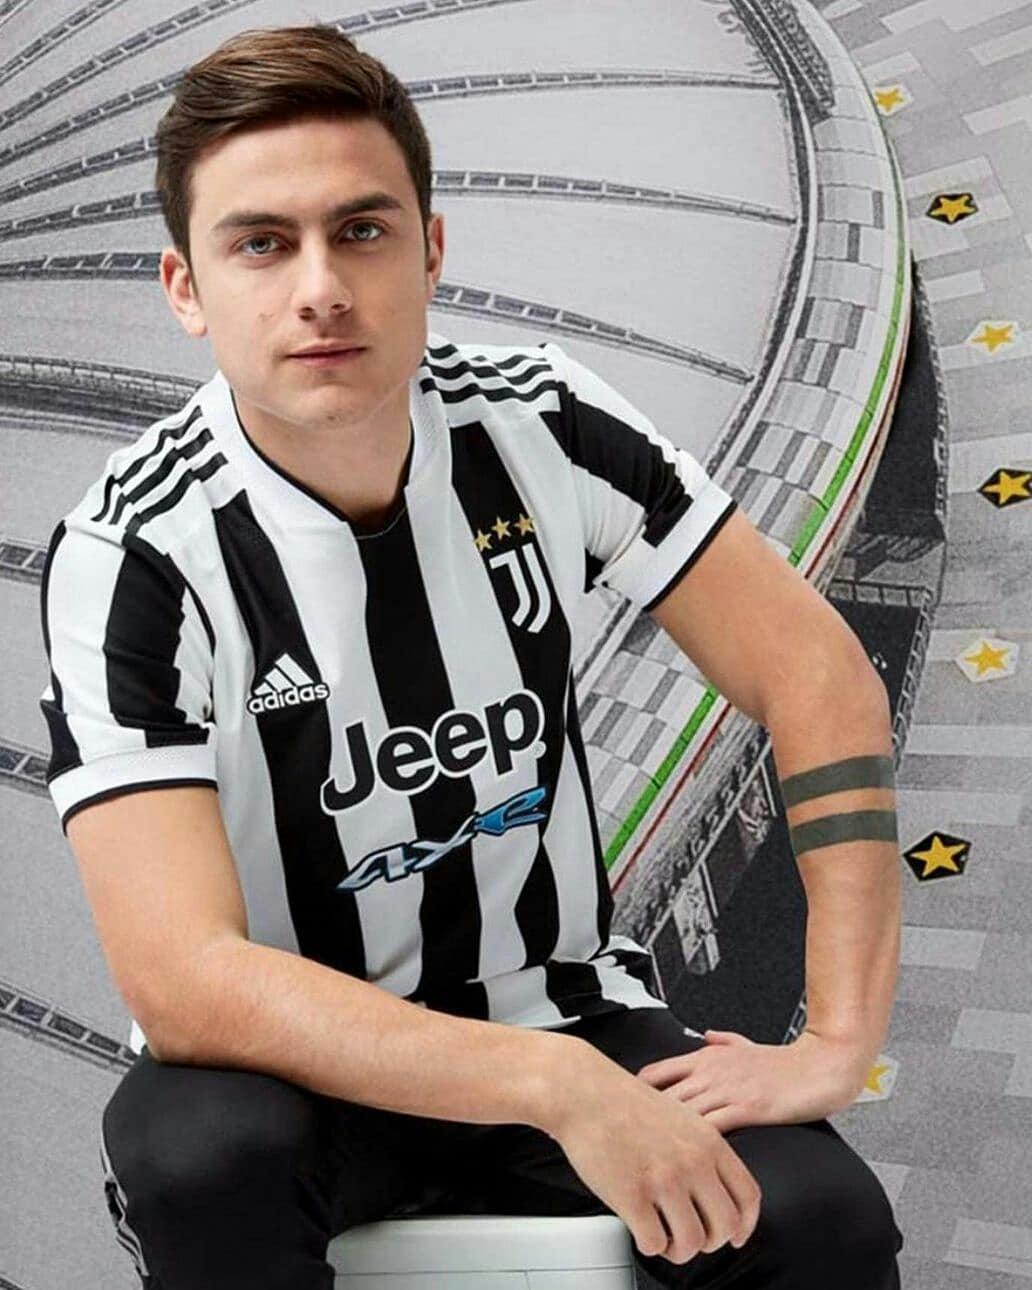 Nuova maglia Juve: Ecco quando verrà indossata | L'ARENA del CALCIO